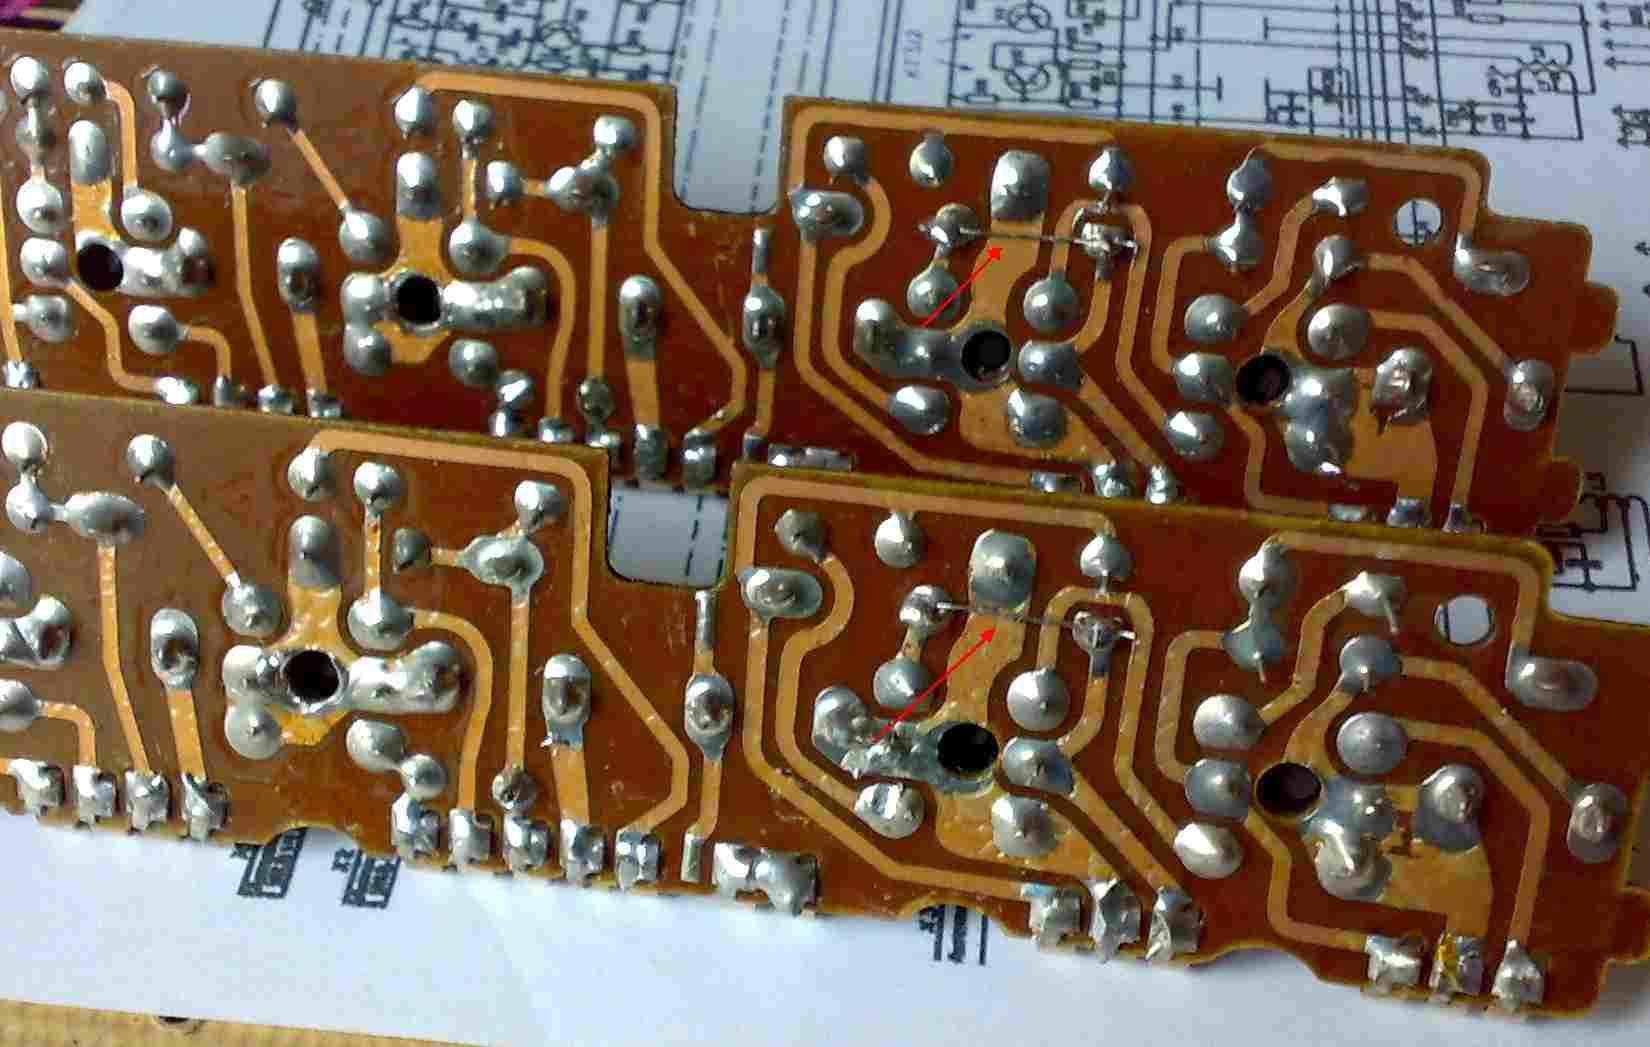 эл схема блока питания радиоприемника ишим 003